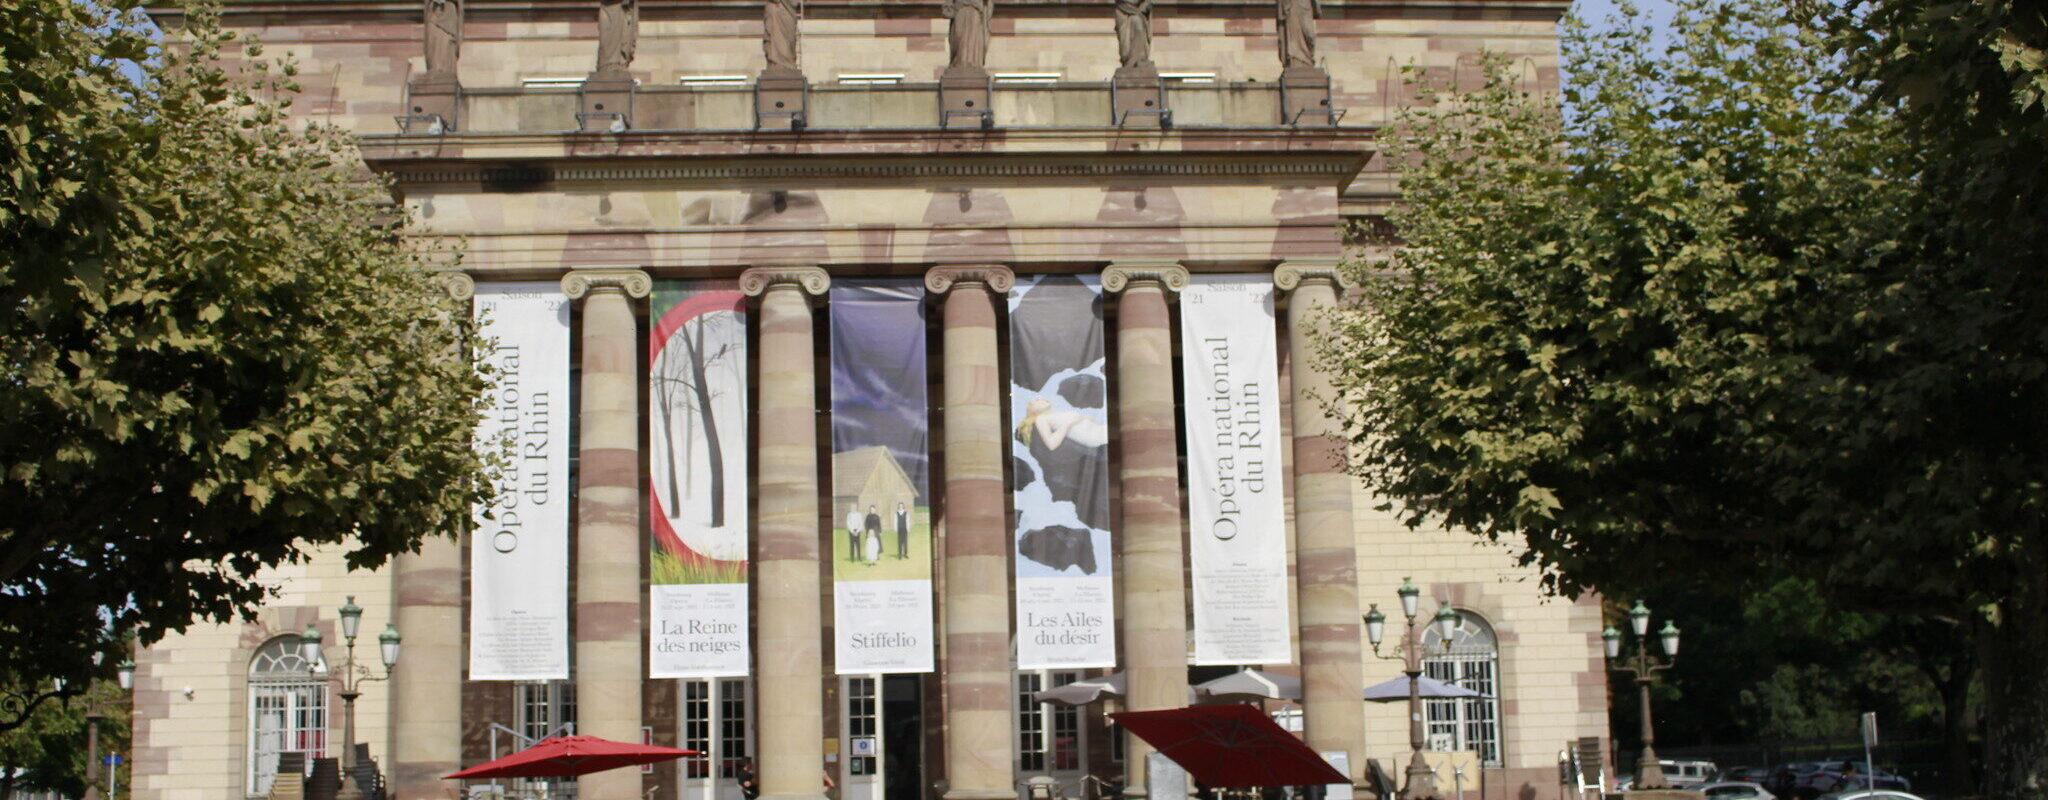 Rénover ou construire, les écologistes face au casse-tête de l'opéra